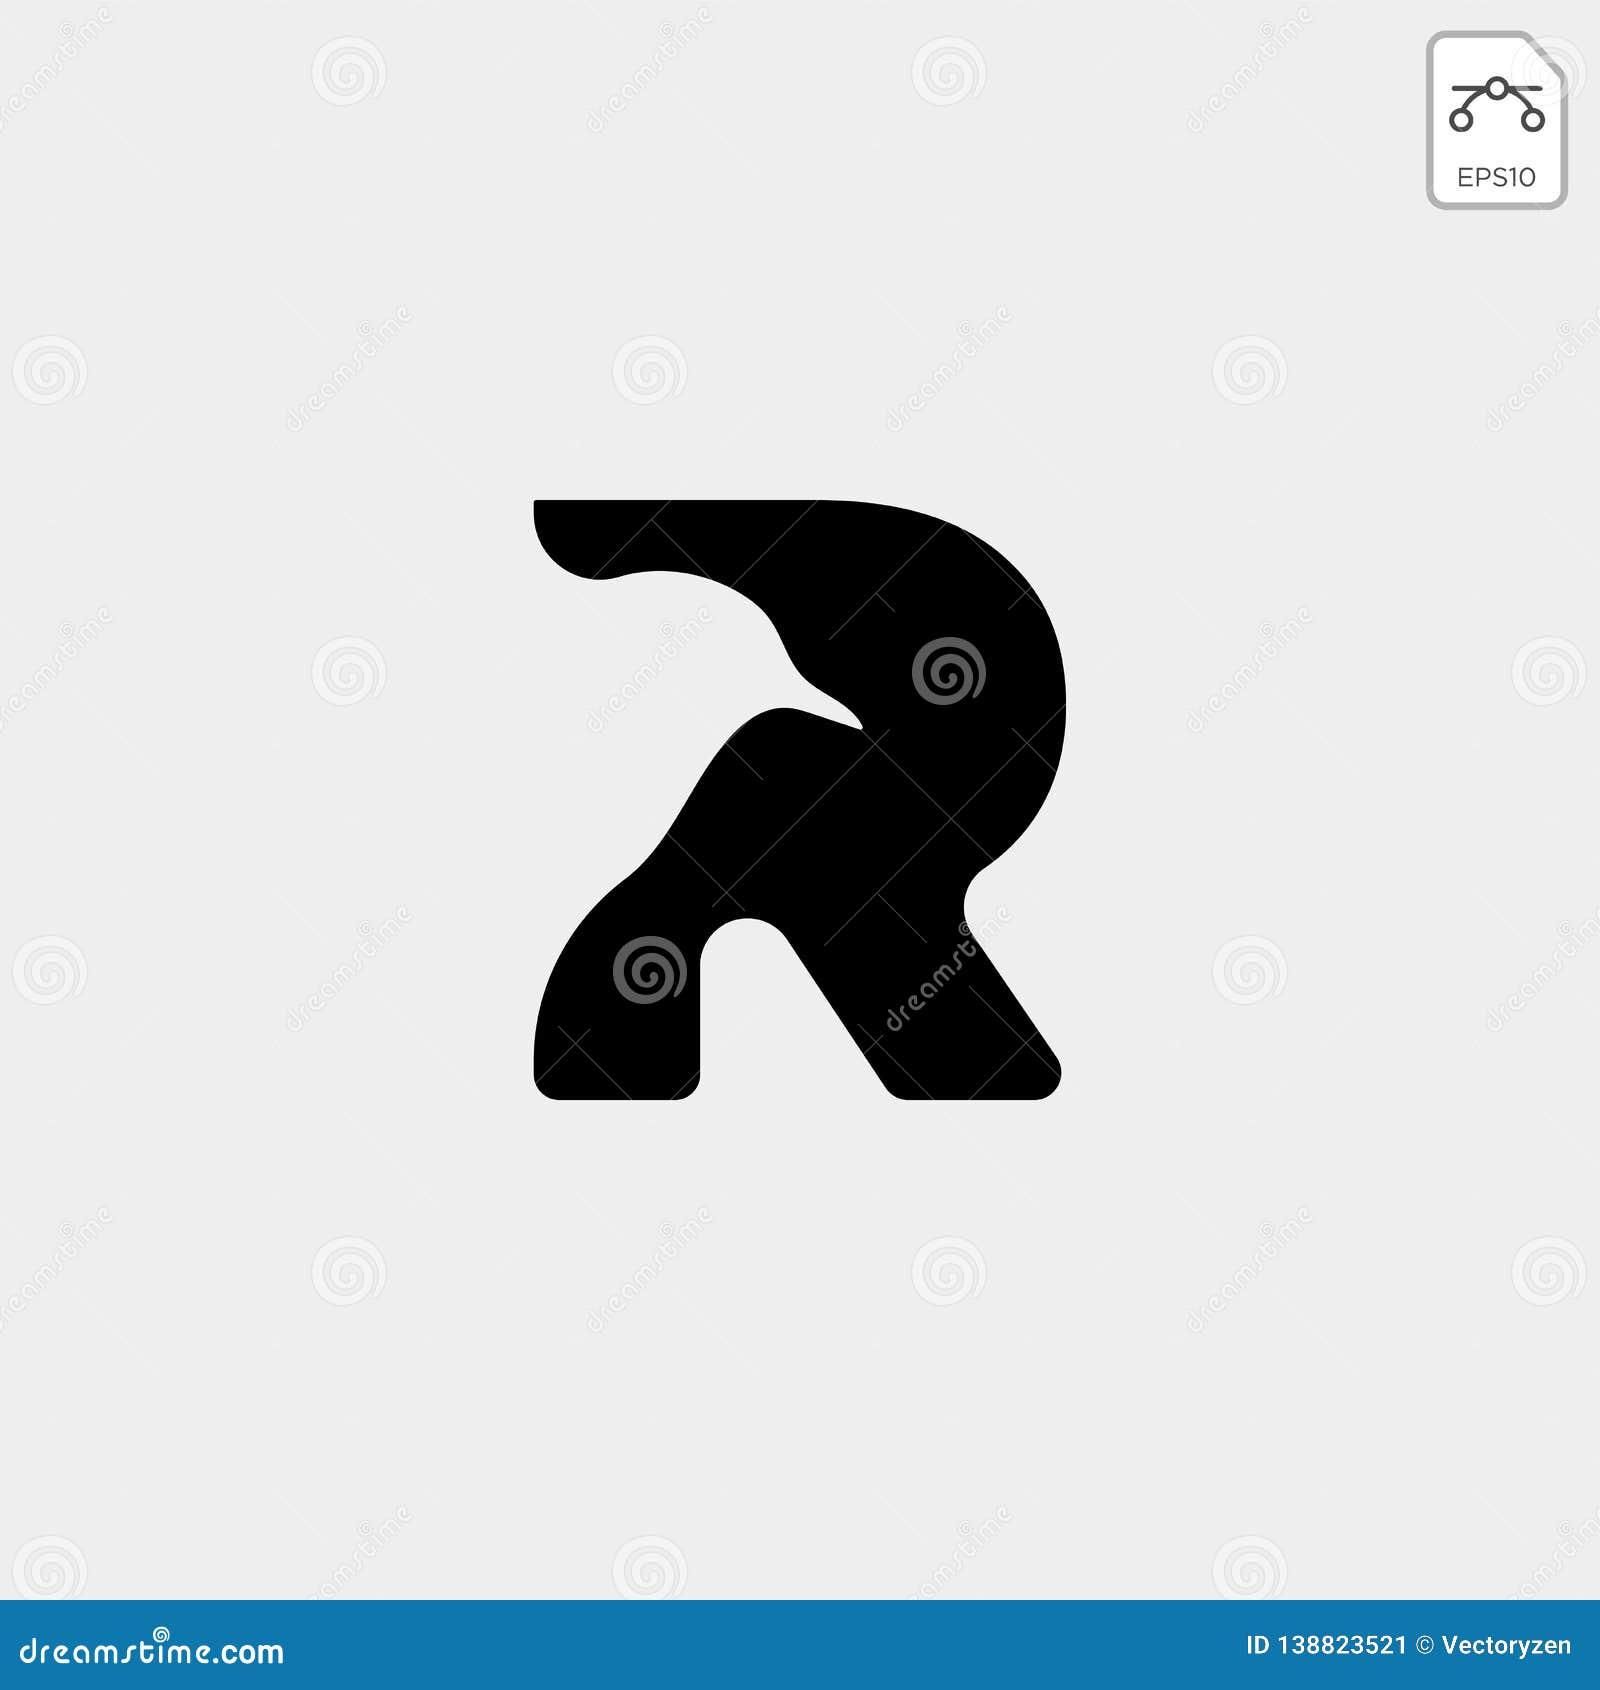 leter R bird monogram logo template vector icon